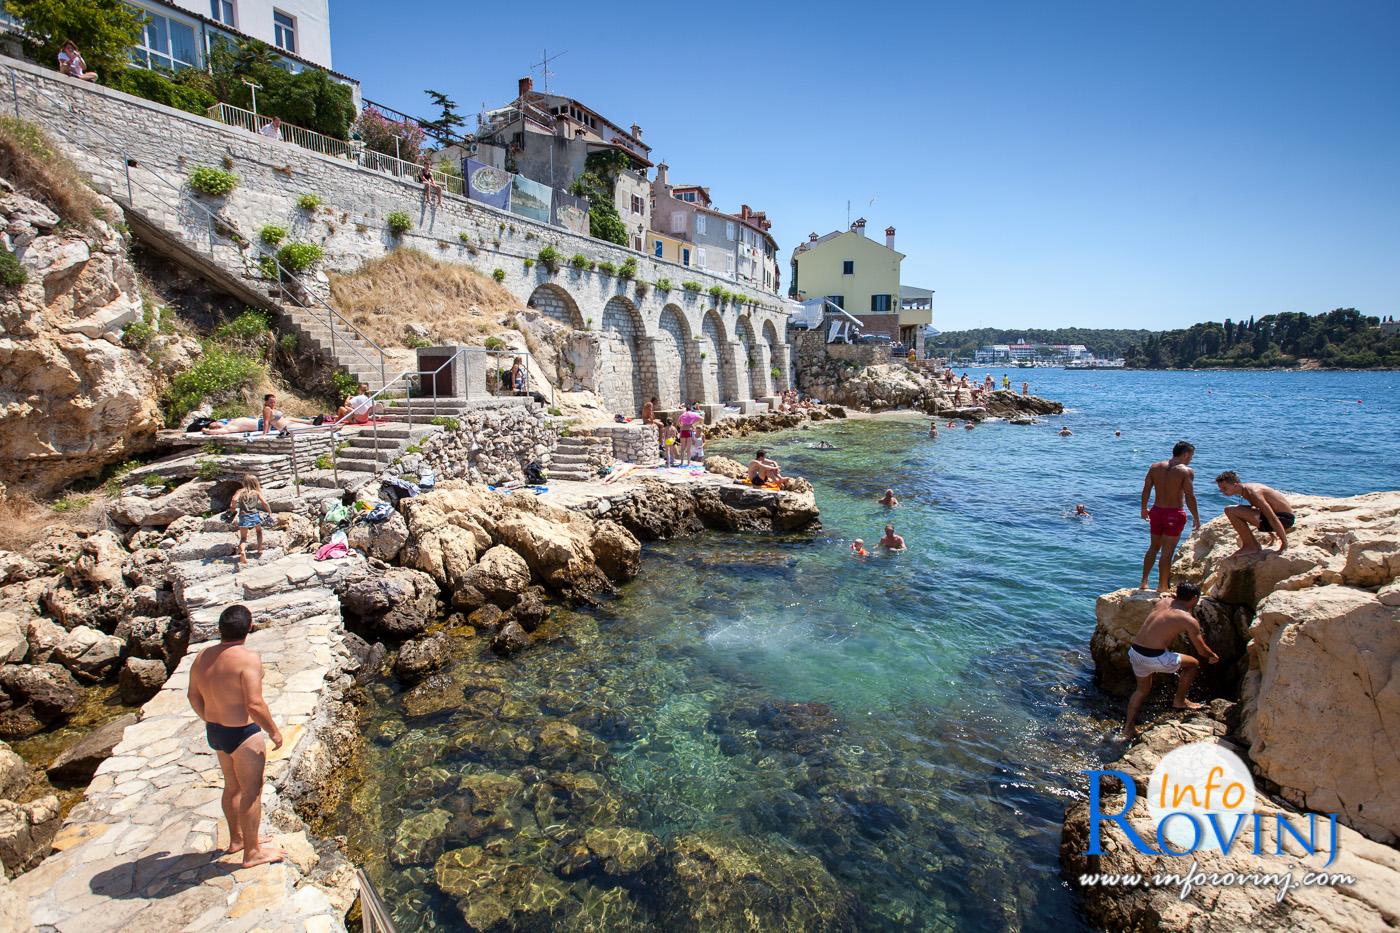 Foto galleria spiagge a rovigno for Alberghi rovigno croazia